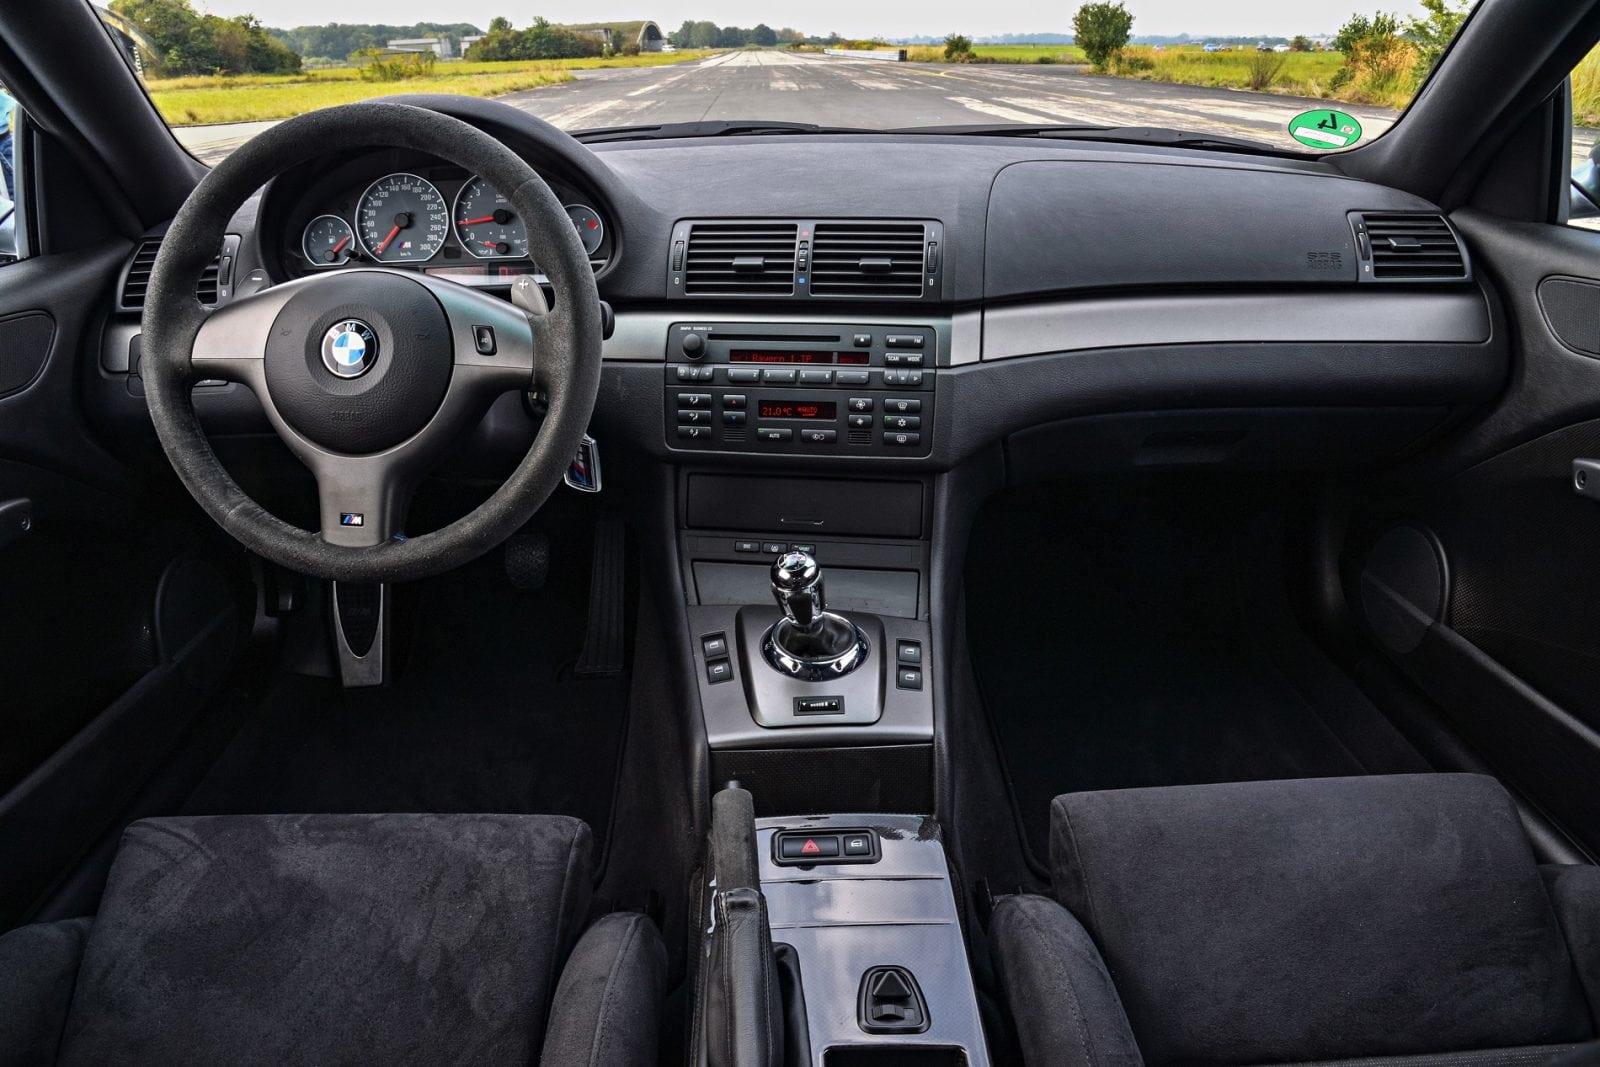 BMW M3 E46 CSL: в общей сложности было произведено 1358 автомобилей между июнем и декабрем 2003 года, включая 823 автомобиля с левым рулем и 535 с правым.